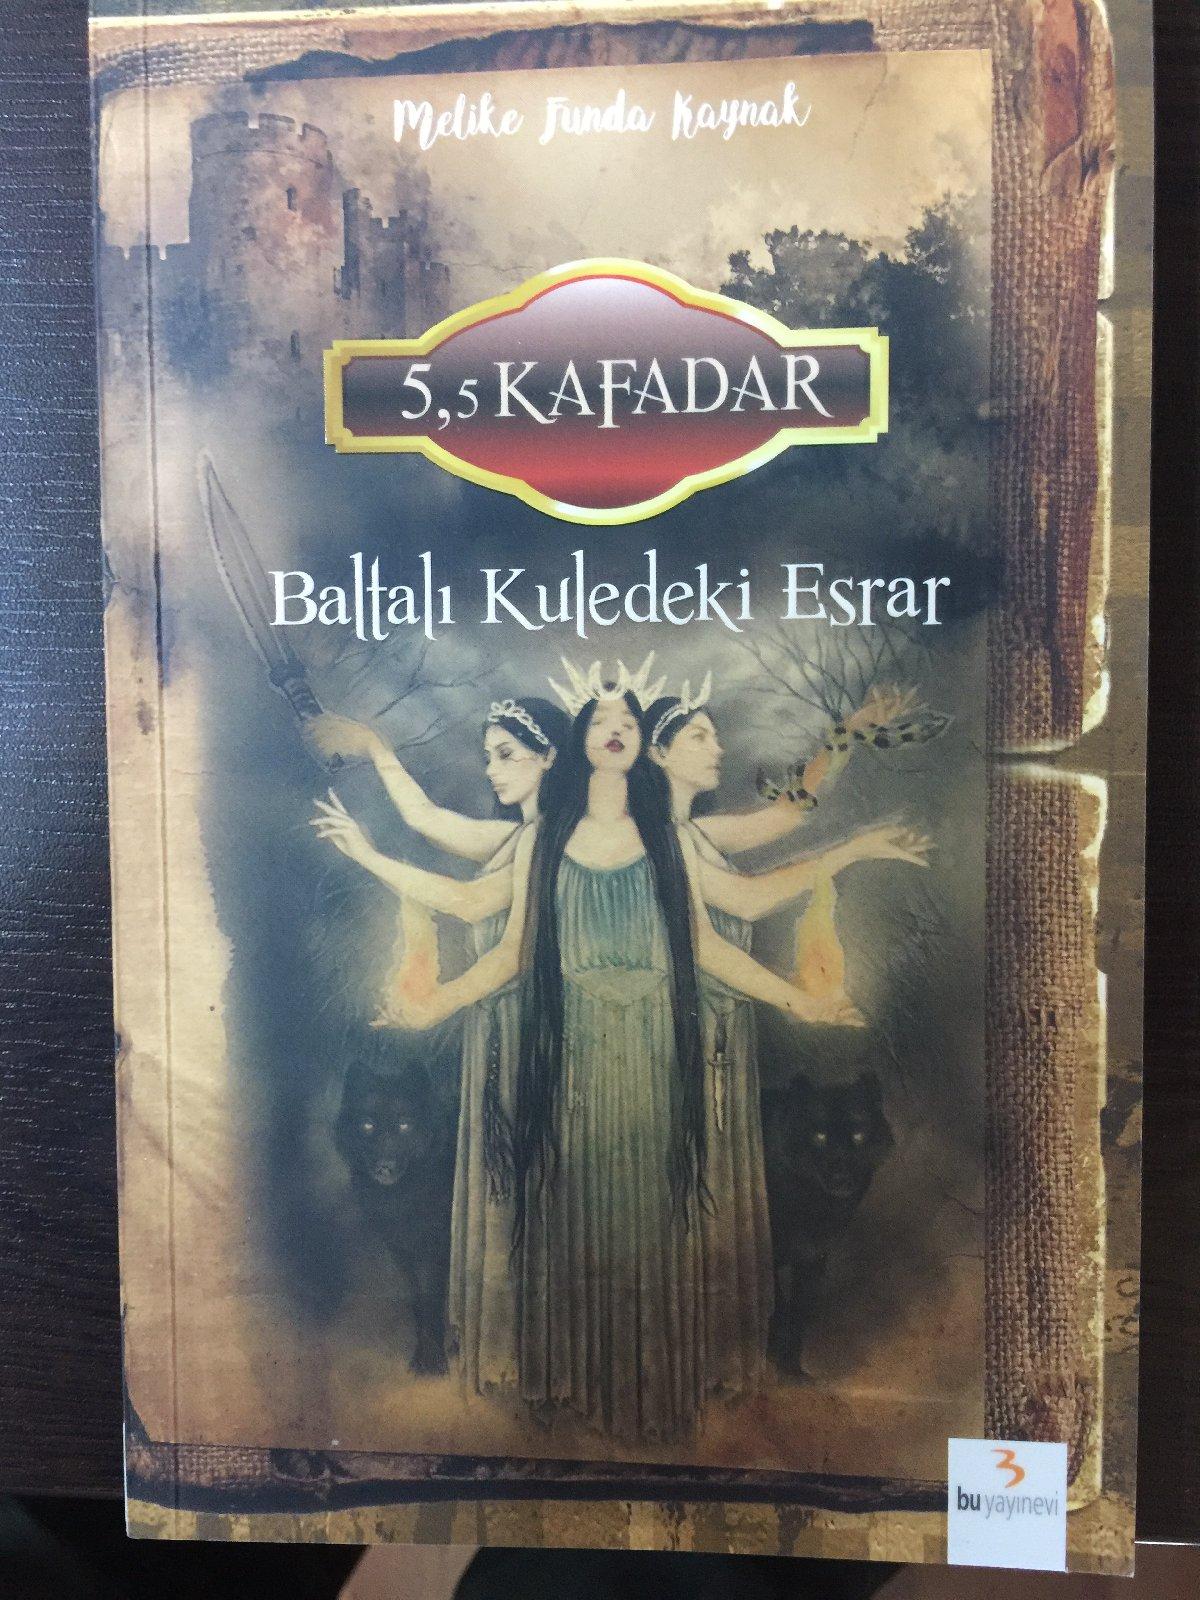 55kafadar